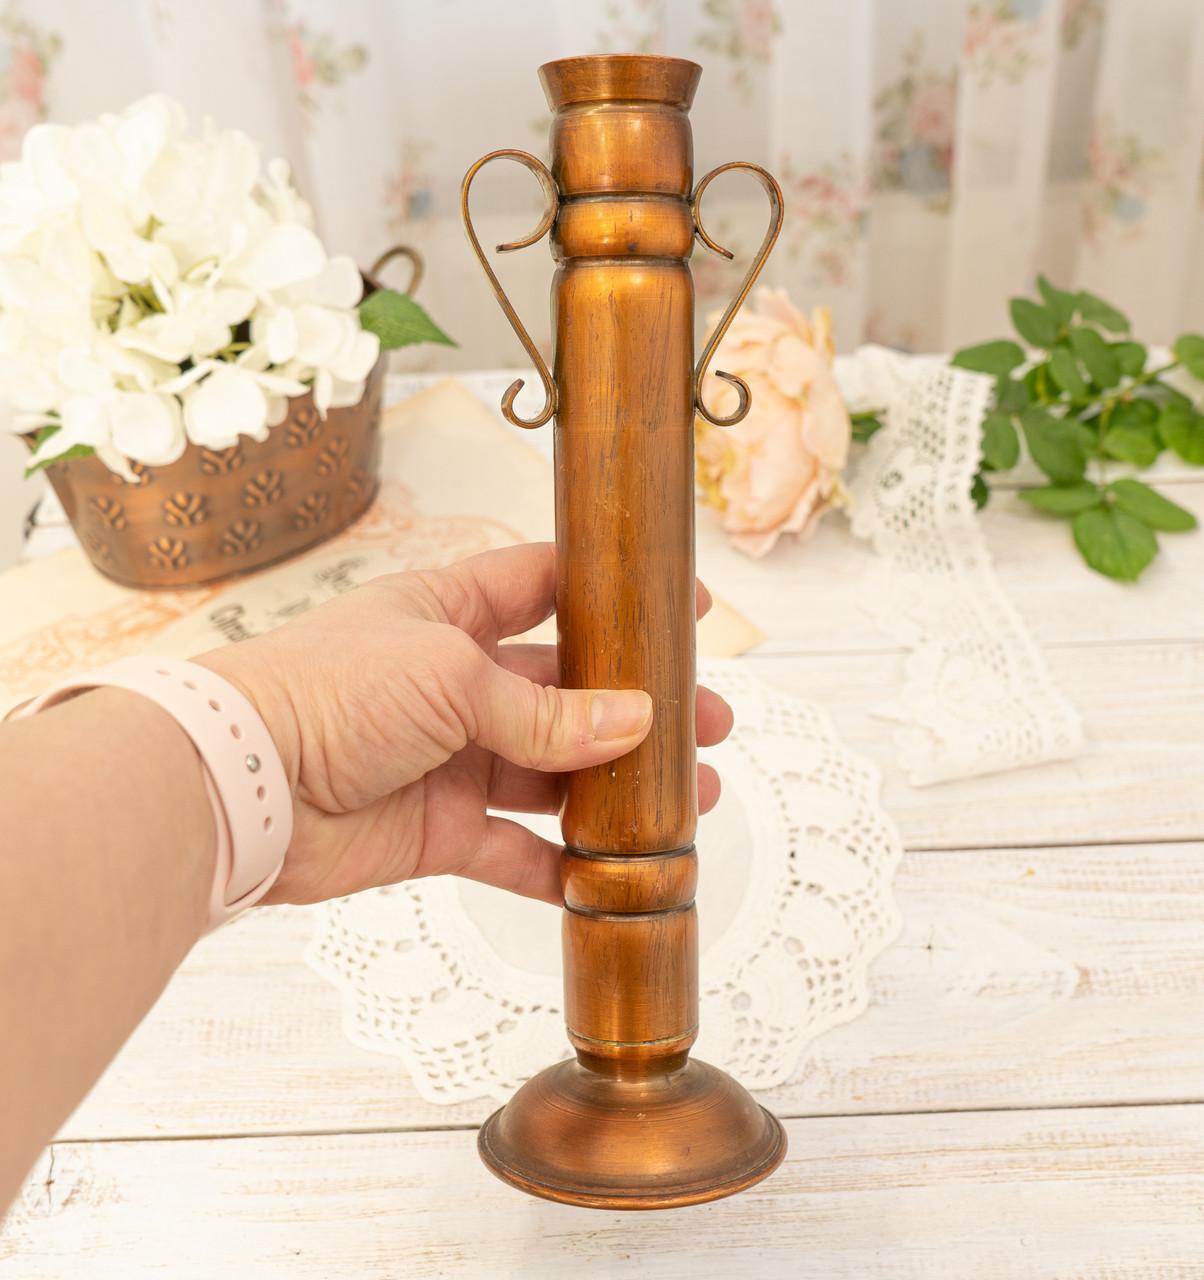 Оригінальна мідна ваза з ручками, мідний посуд, мідь Німеччина, 27 см